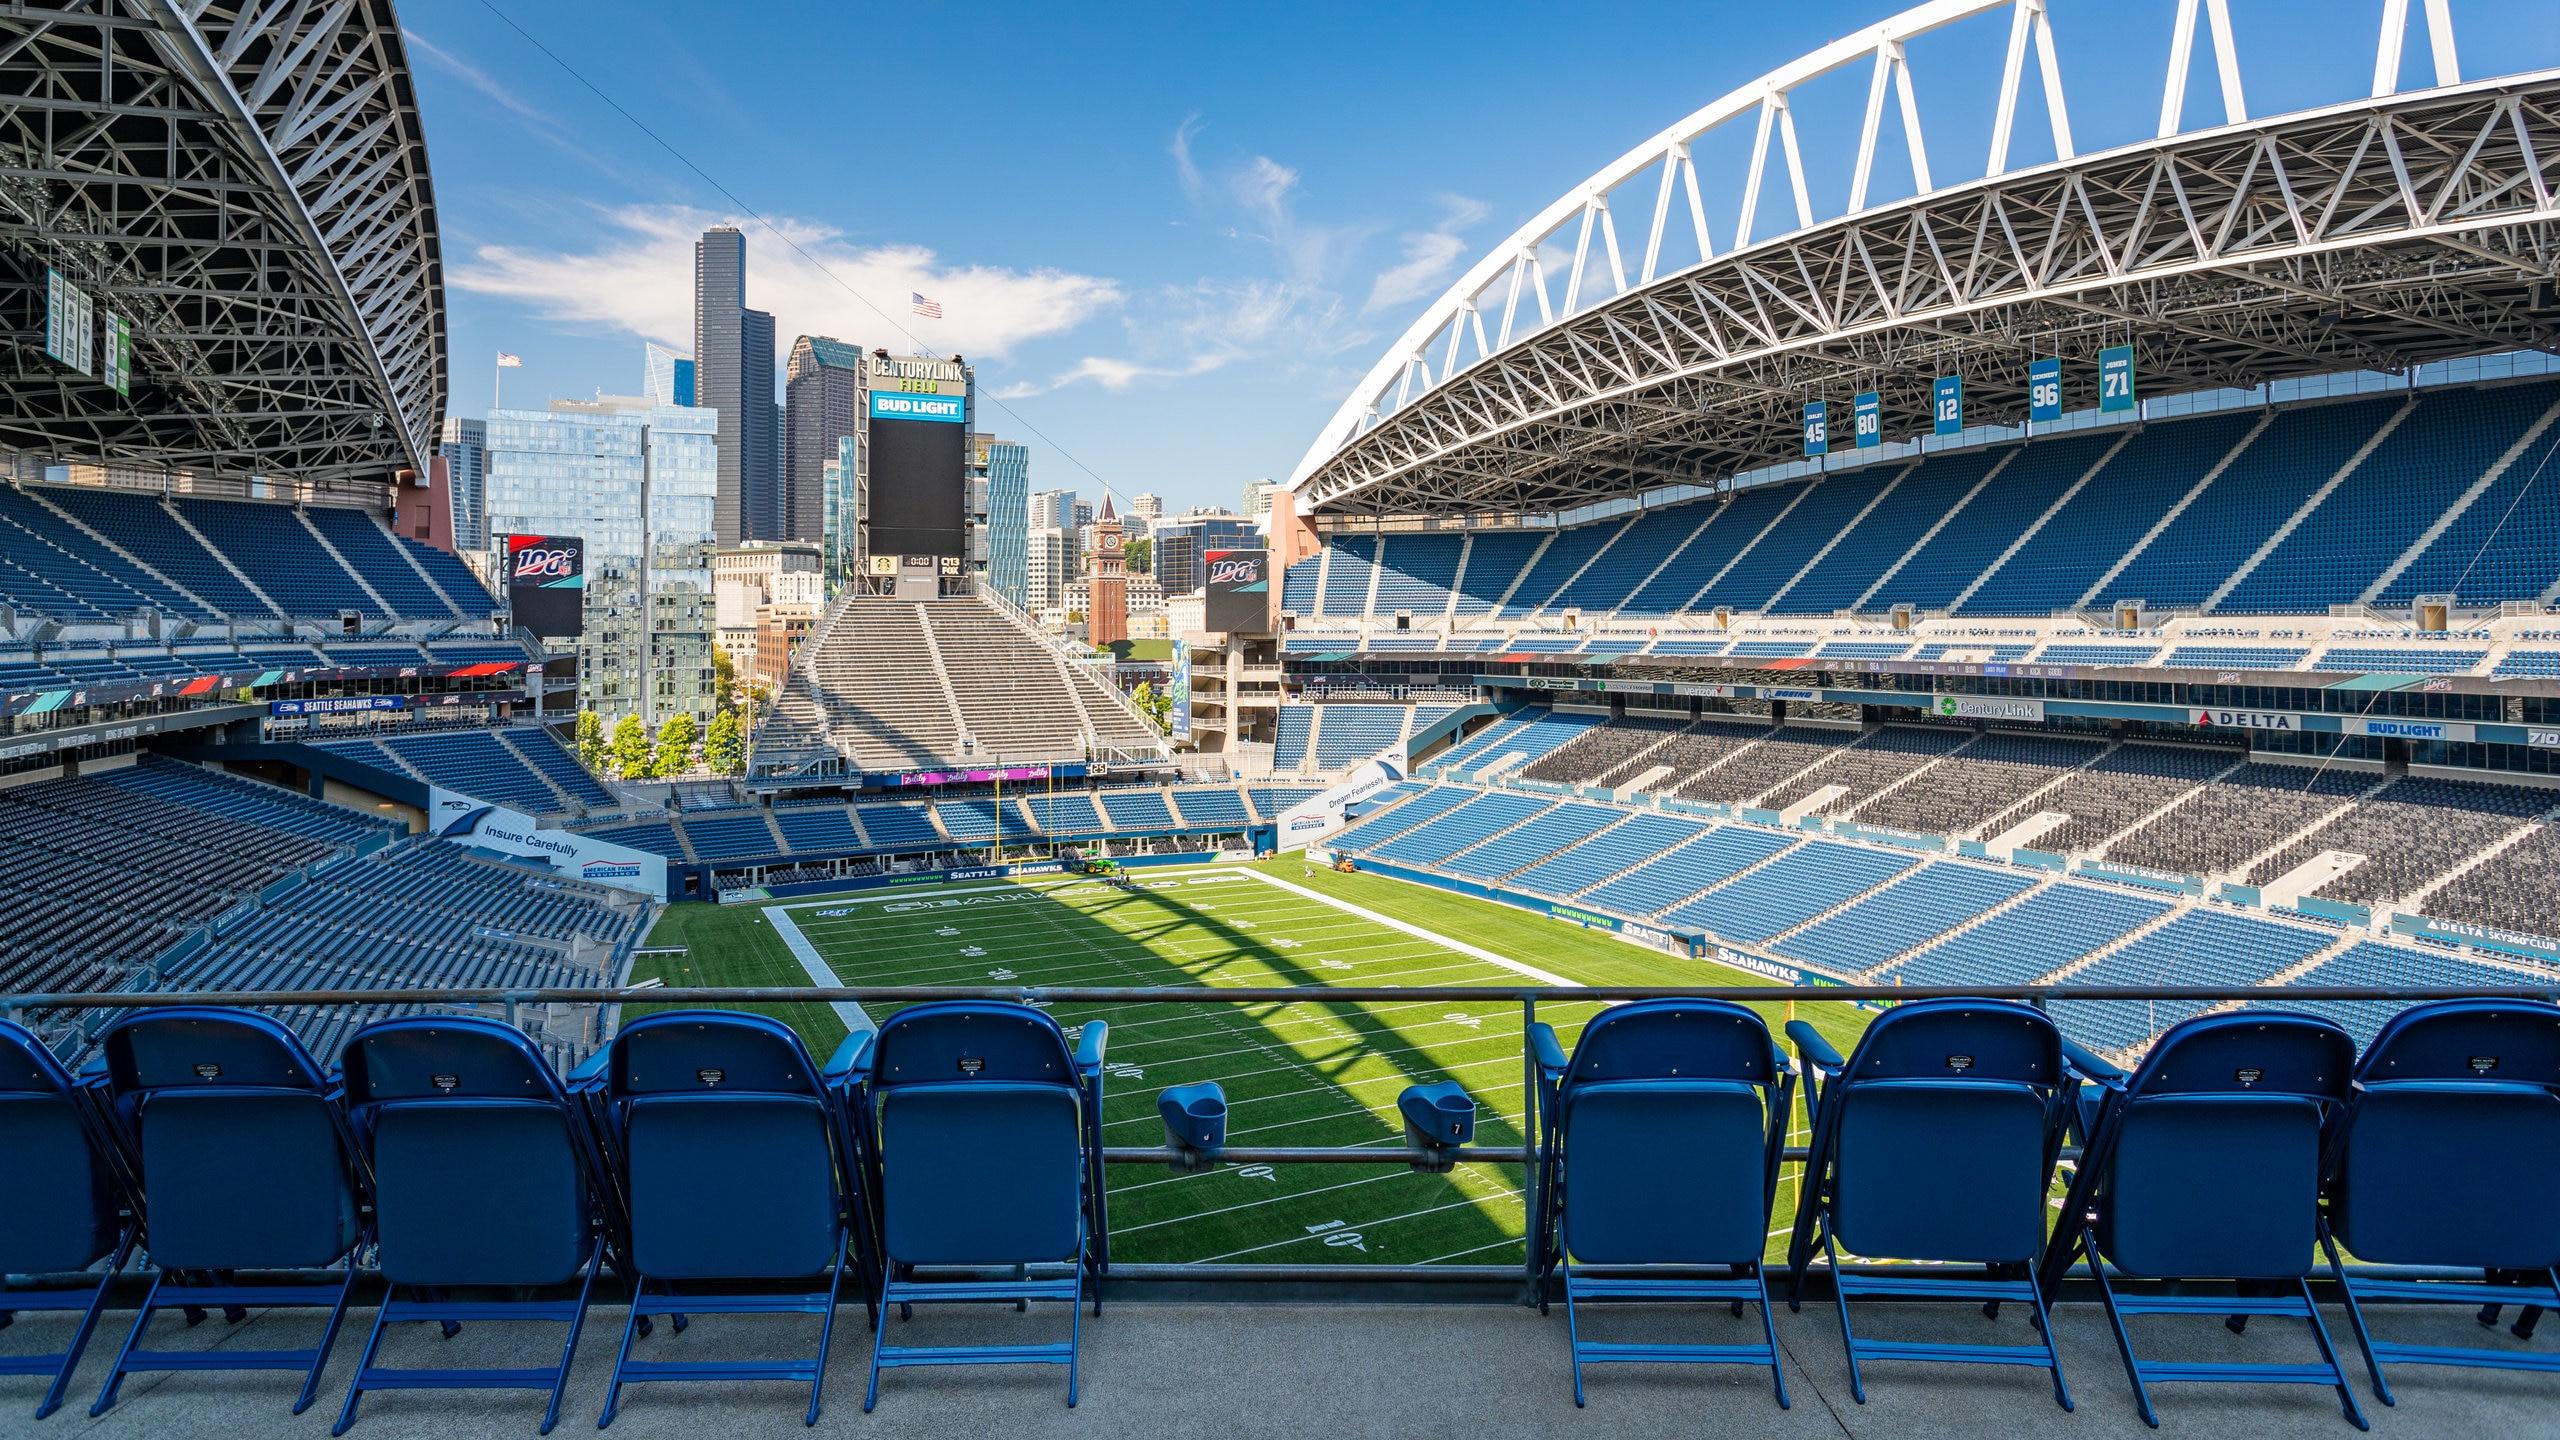 Få med deg et arrangement ved CenturyLink Field under turen til Seattle. Dette urbane området har et godt underholdningstilbud og kunst du bør oppleve.